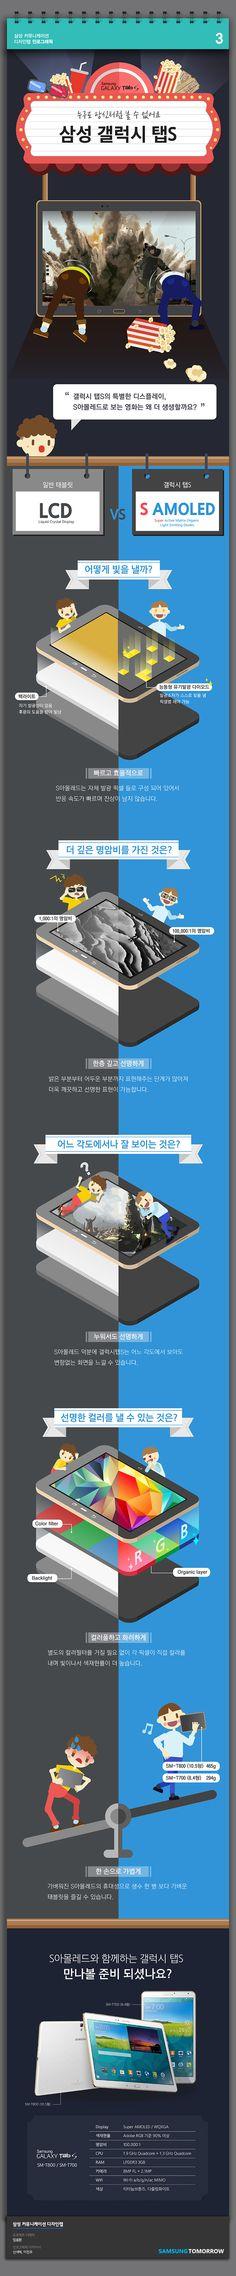 삼성 갤럭시 탭S의 Super AMOLED를 소개하는 인포그래픽.